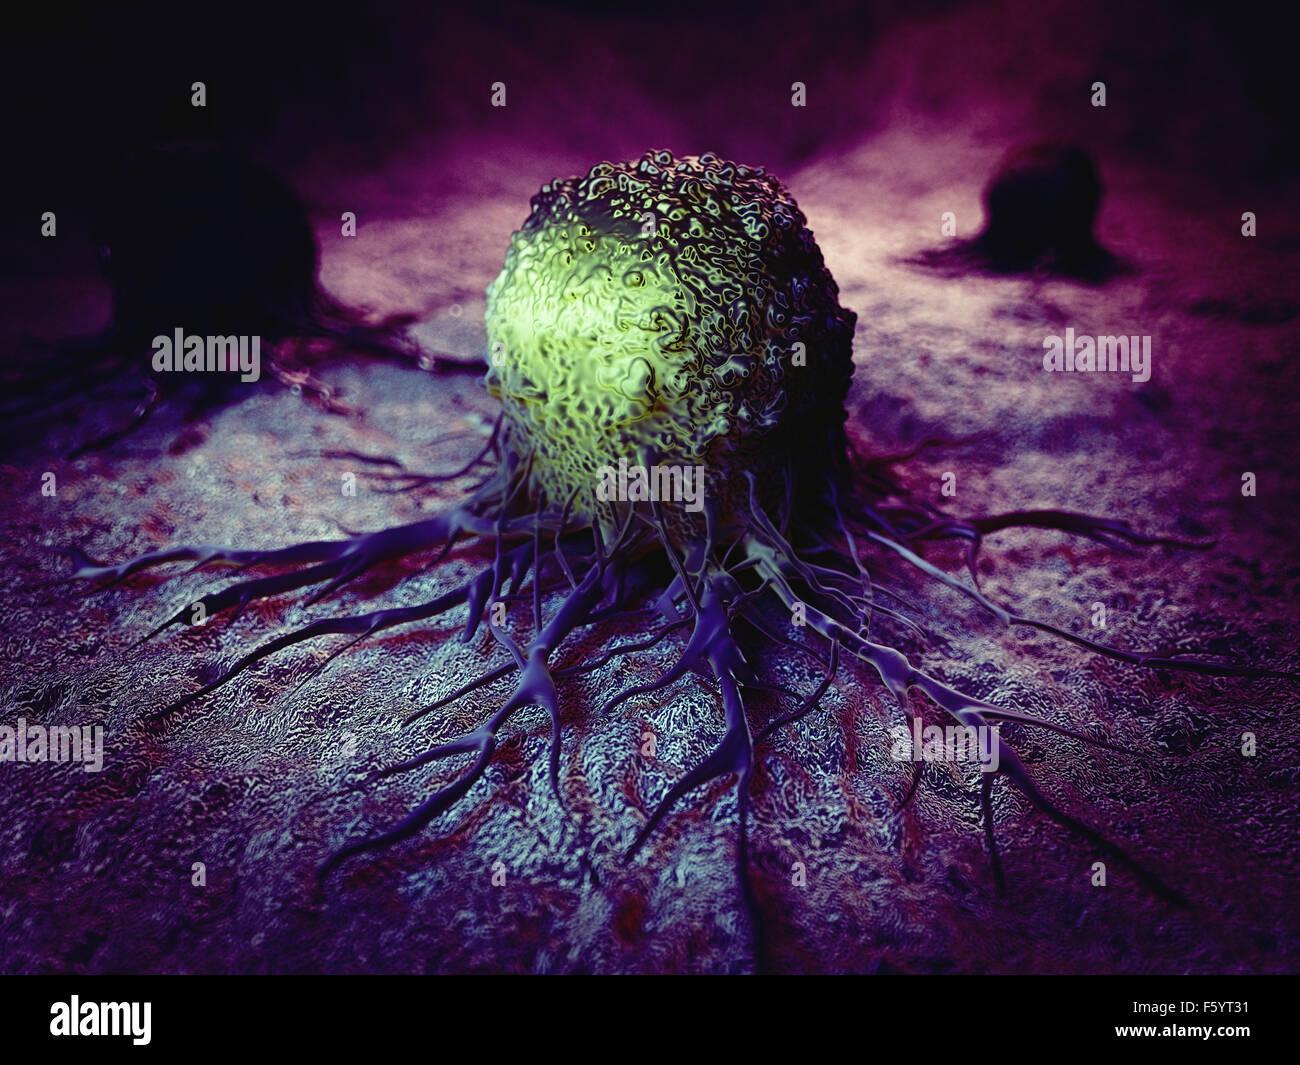 Dal punto di vista medico illustrazione accurata della cellula di cancro Immagini Stock